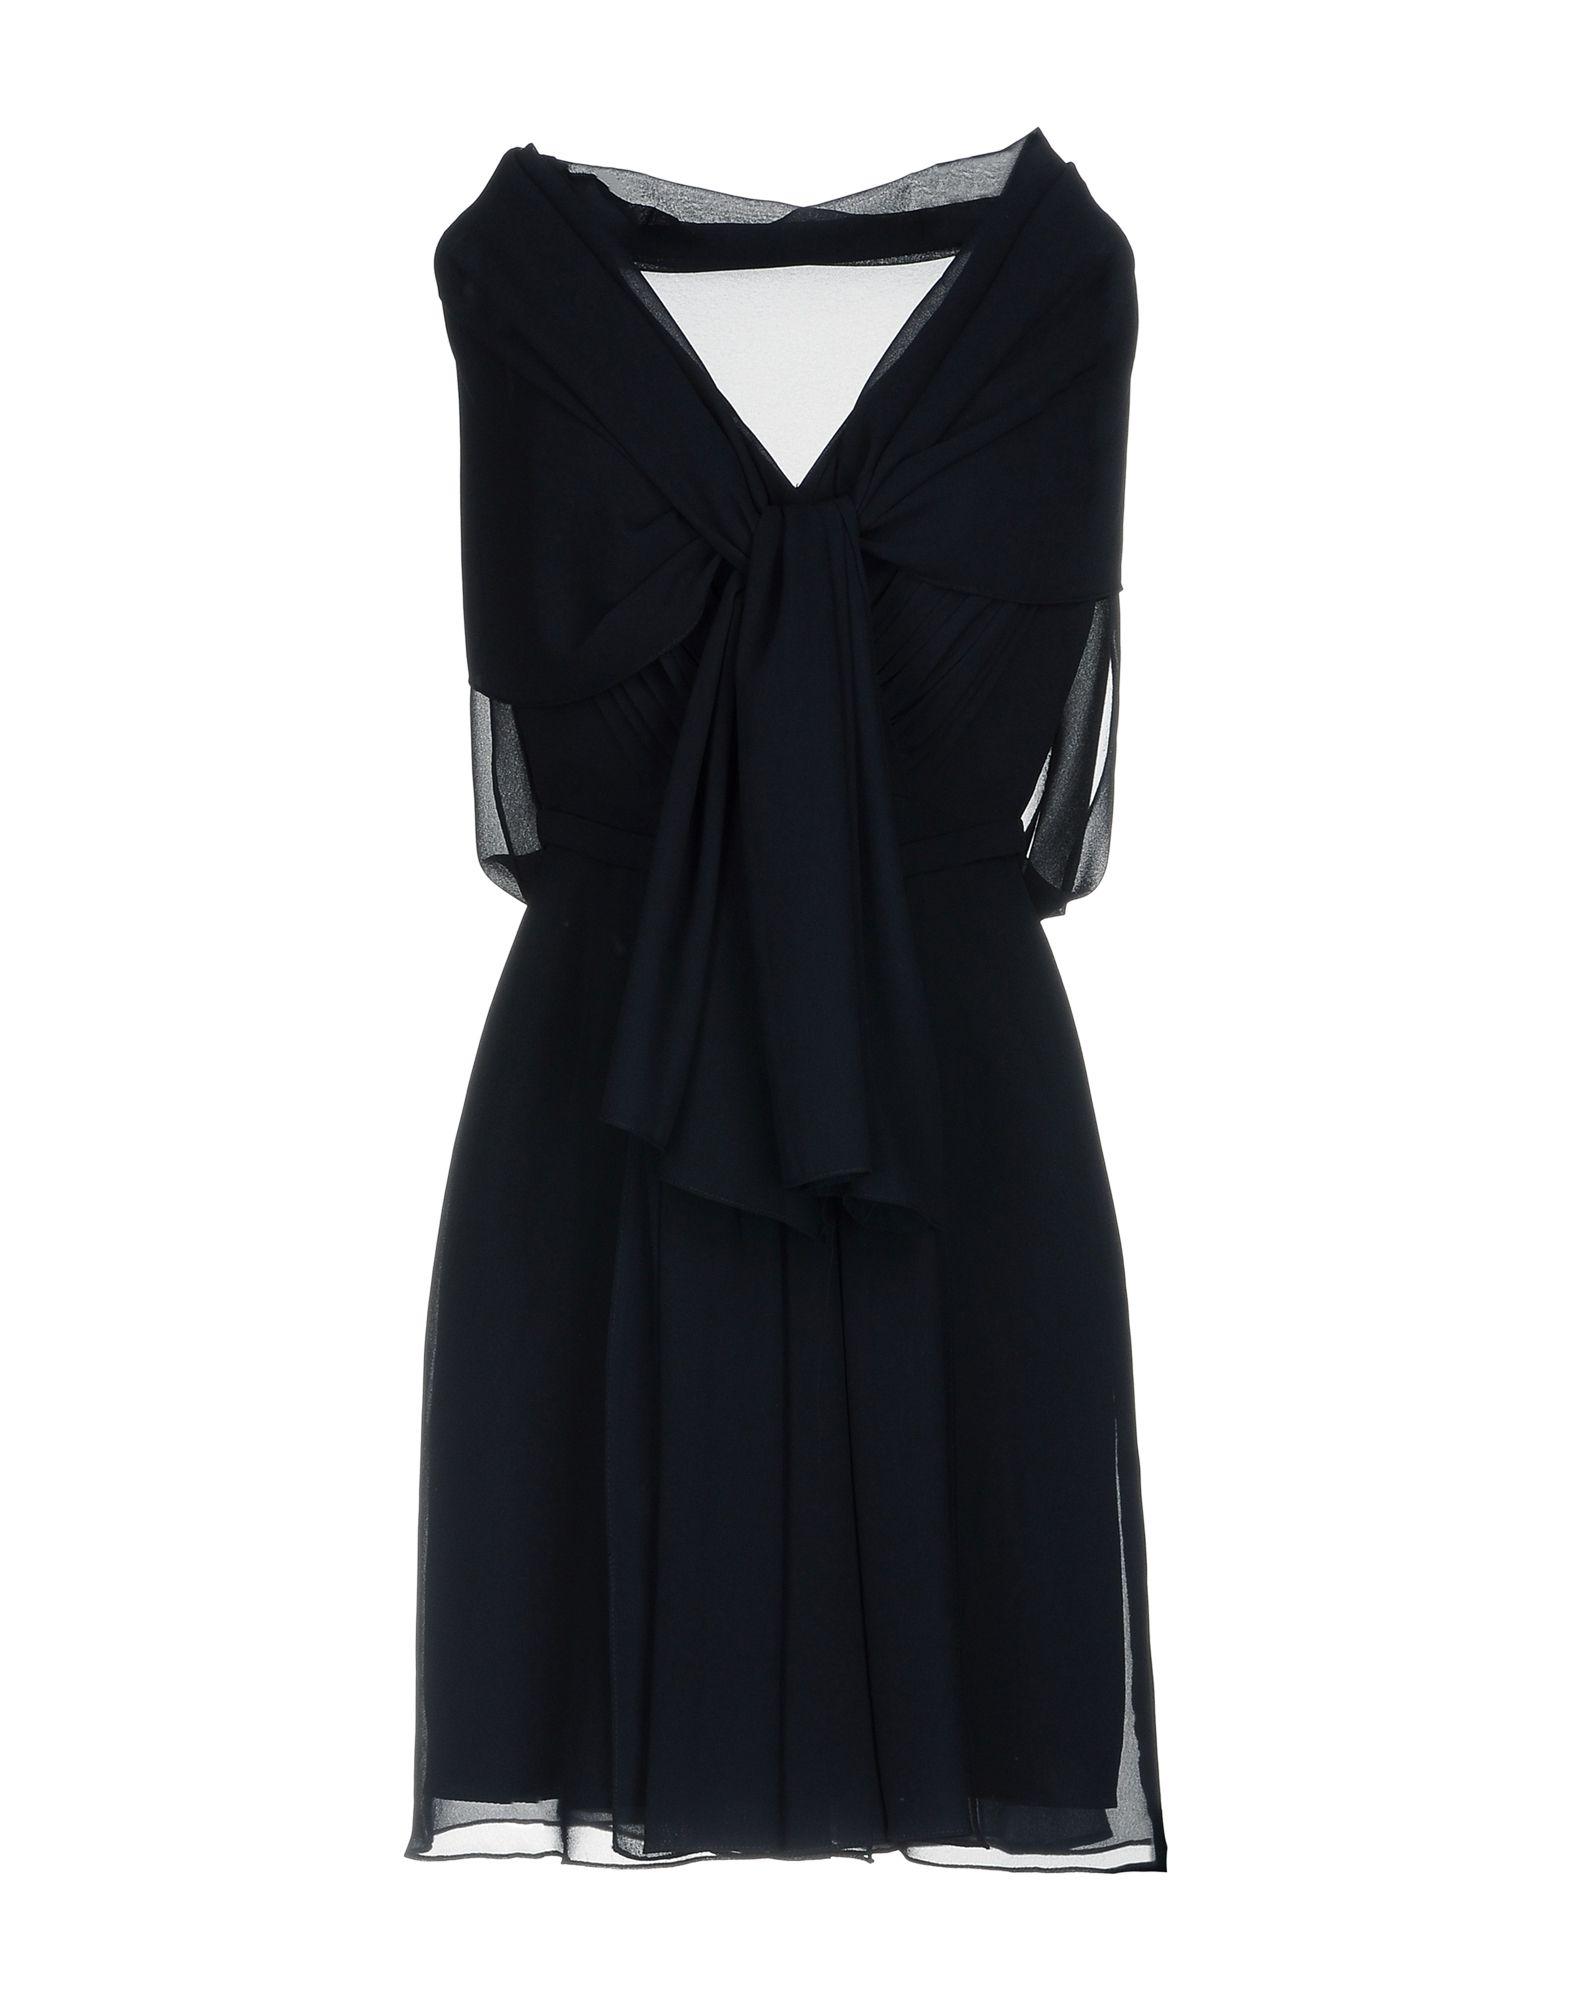 《送料無料》CORIZZI レディース ミニワンピース&ドレス ブラック 6 ポリエステル 100%